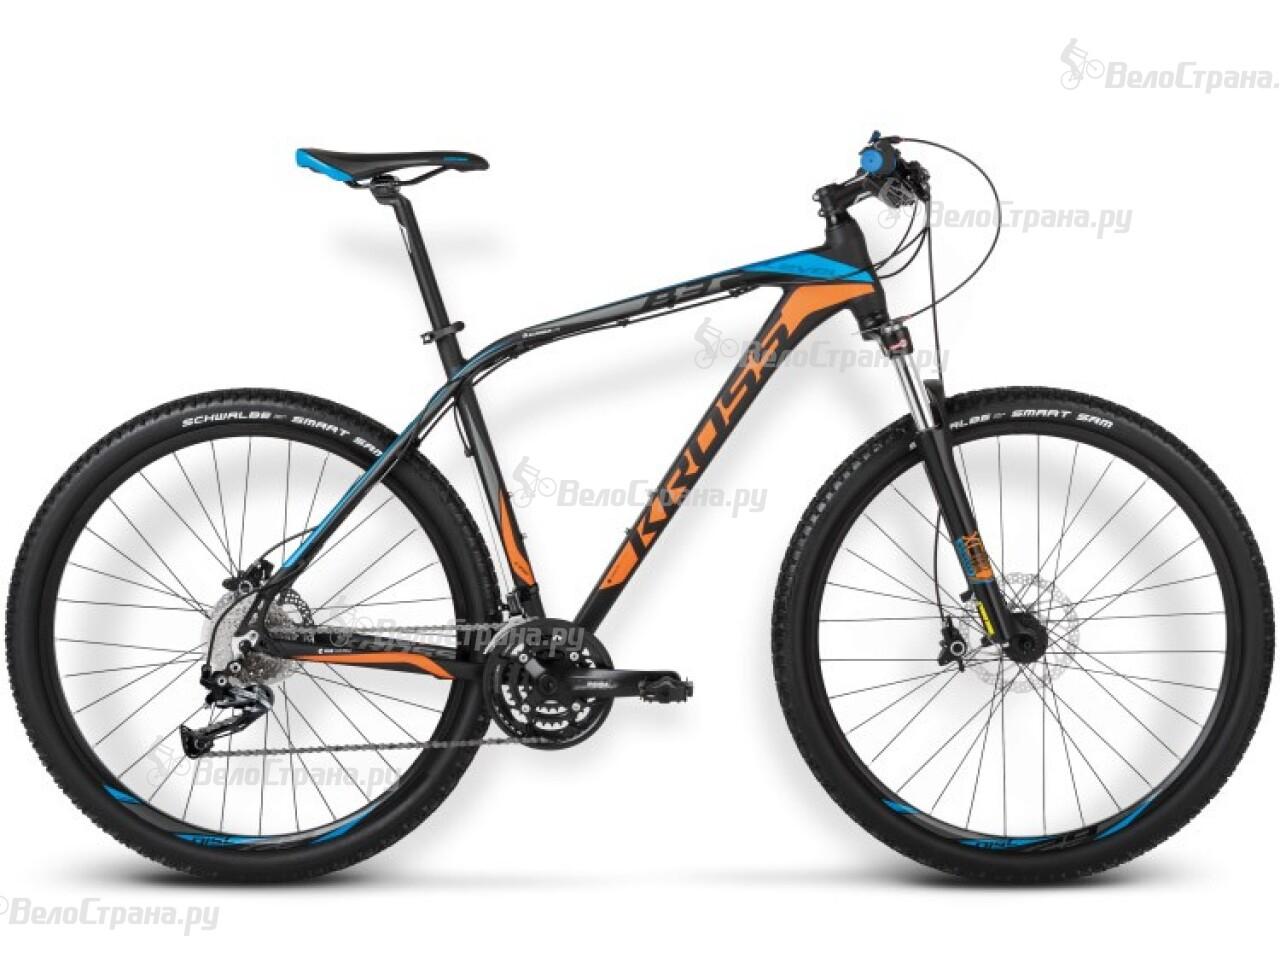 Велосипед Kross LEVEL B3 (2015) велосипед kross level b7 2015